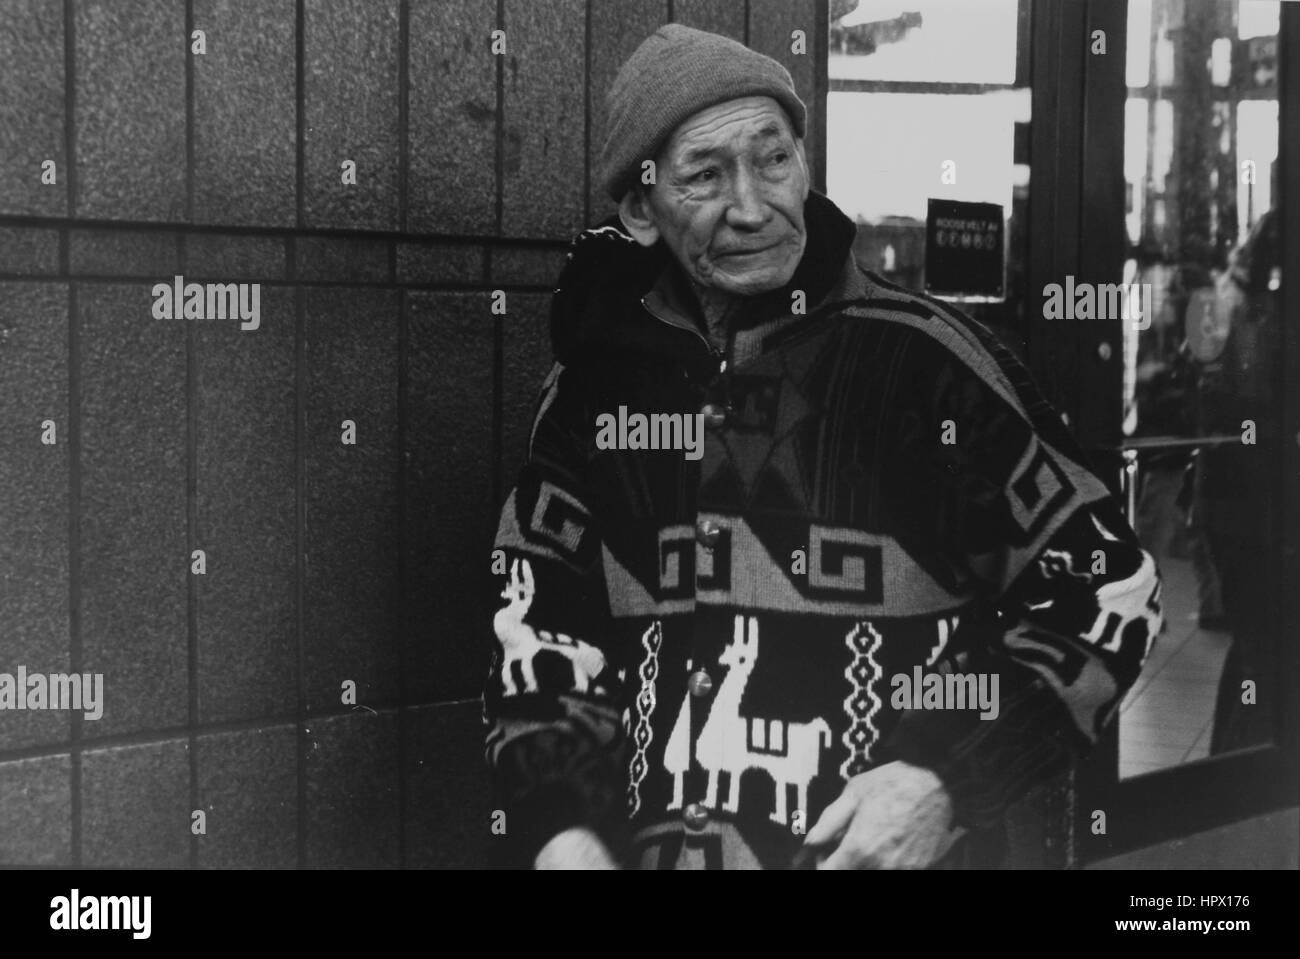 Ein Hispanic Exilspanier außerhalb der u-Bahnstation in Jackson Heights Stockbild